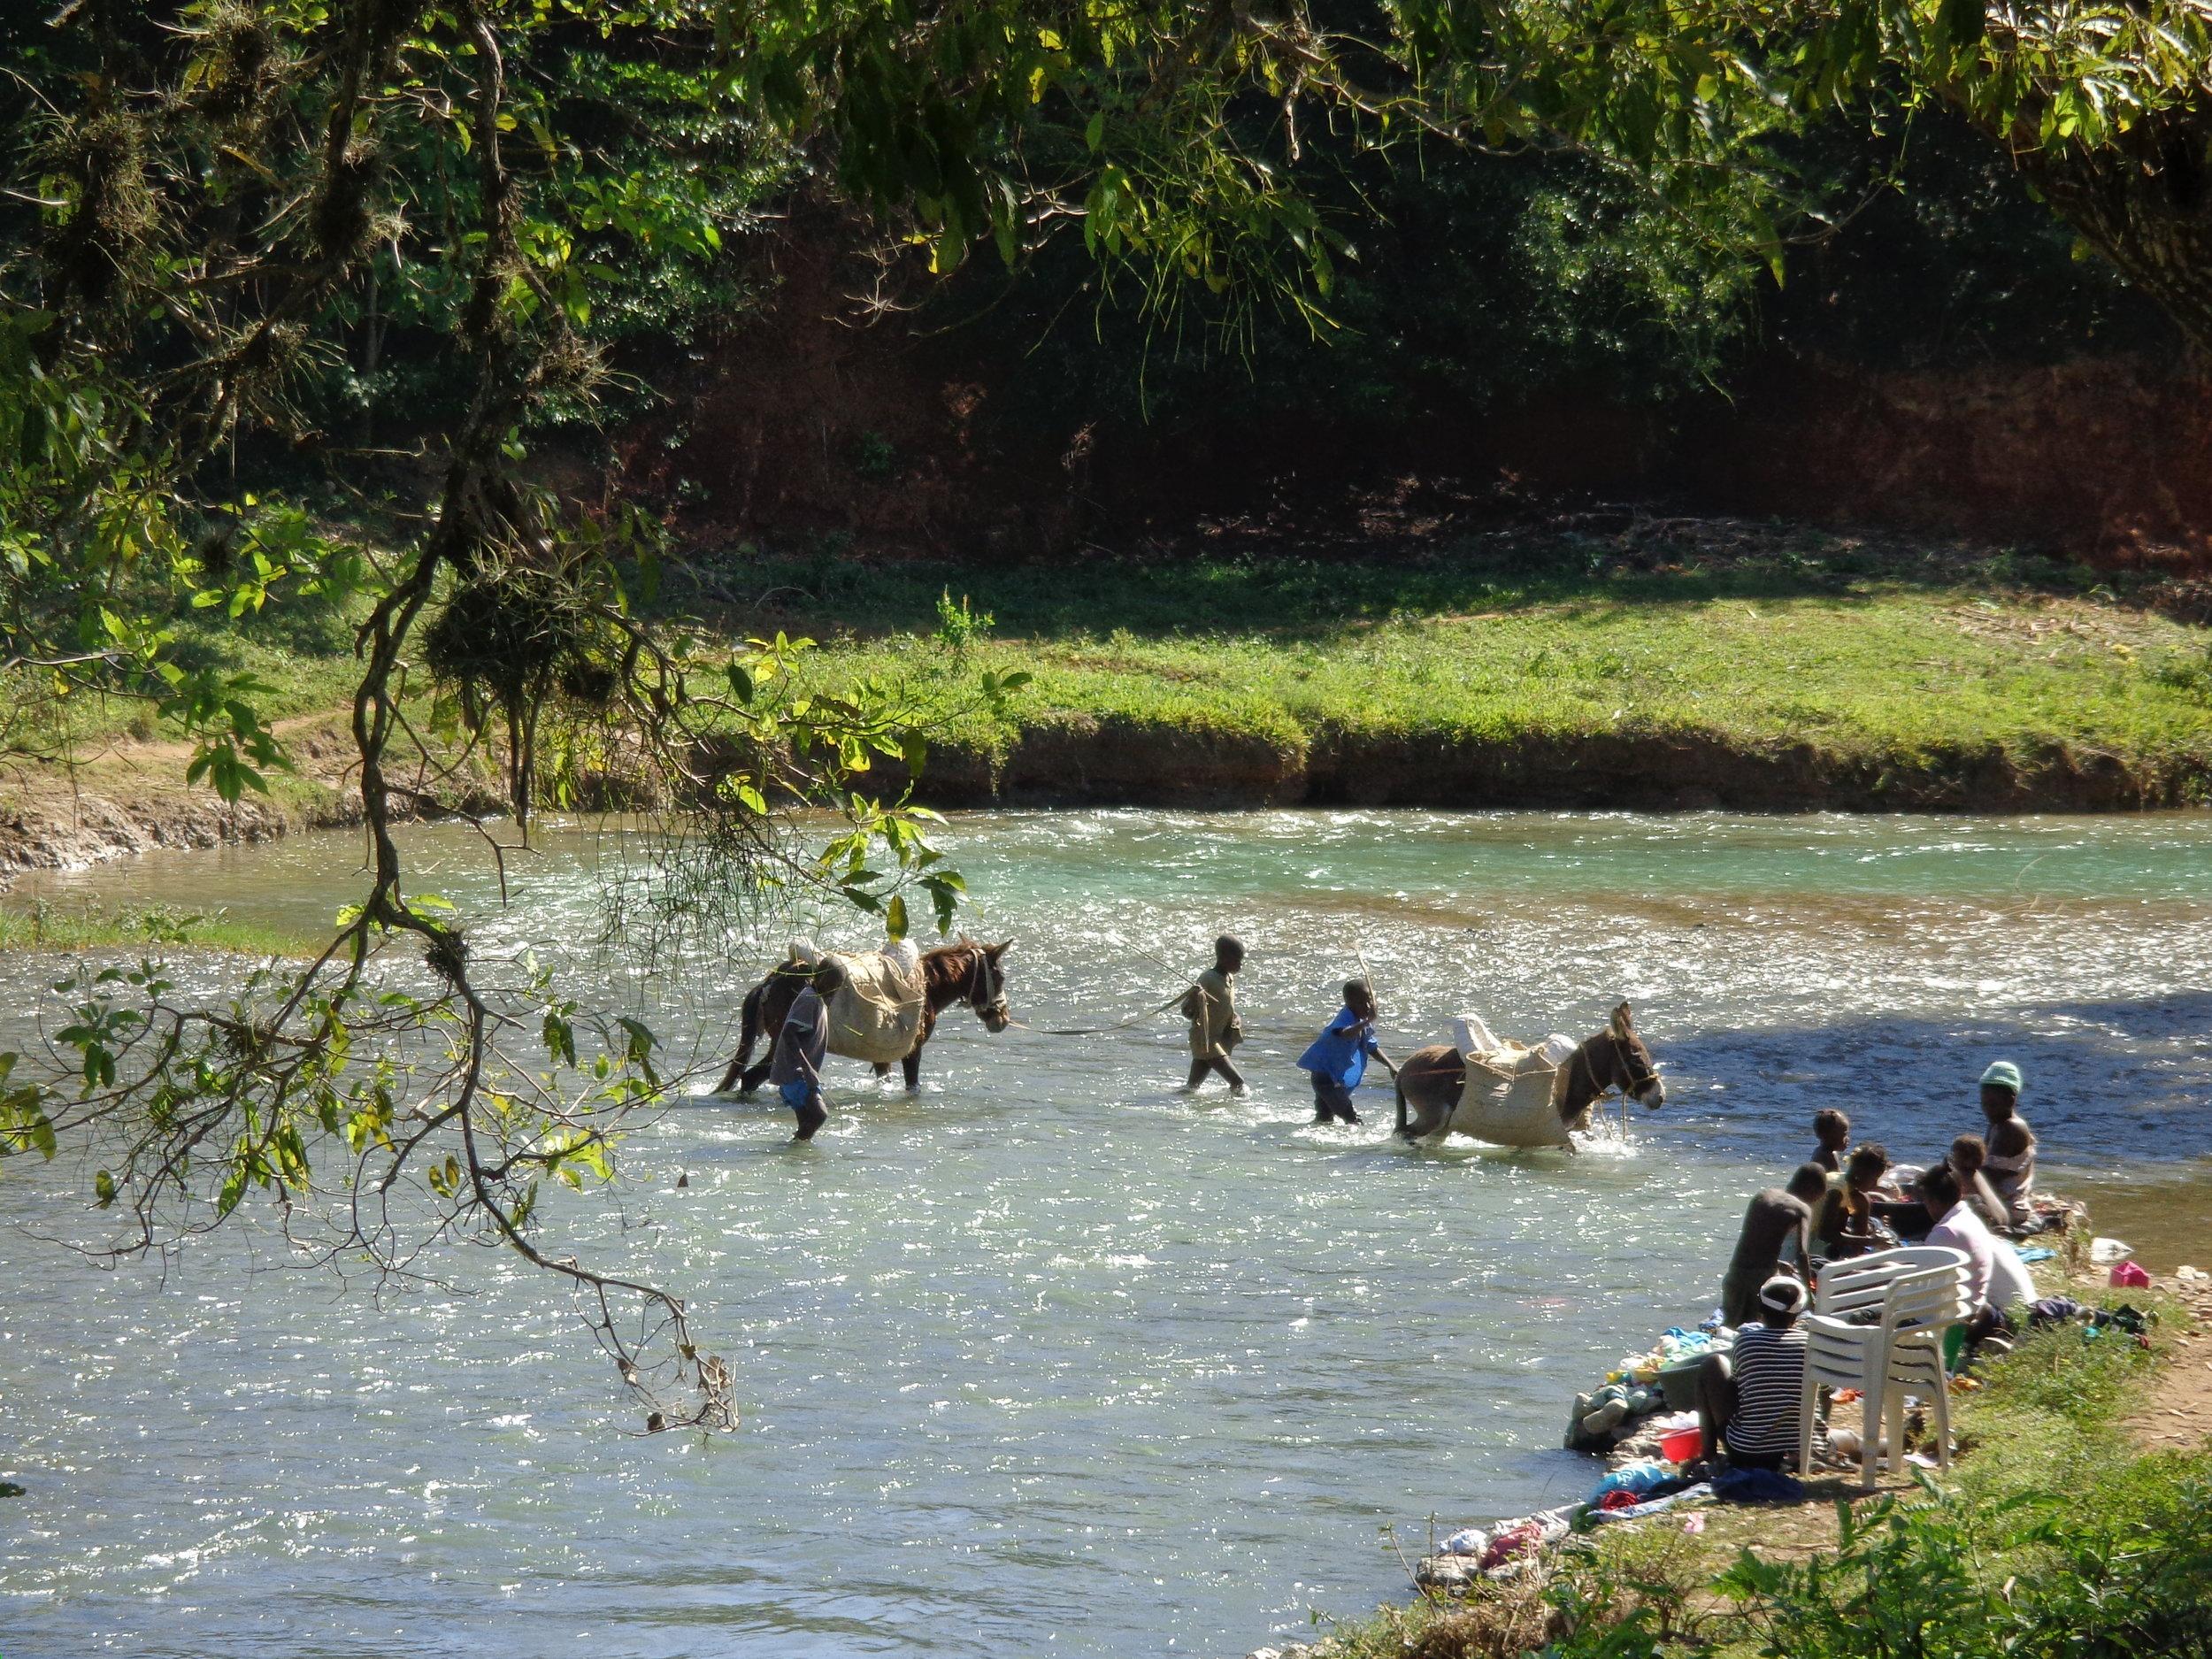 The river crossing near St. Rafael, Haiti.